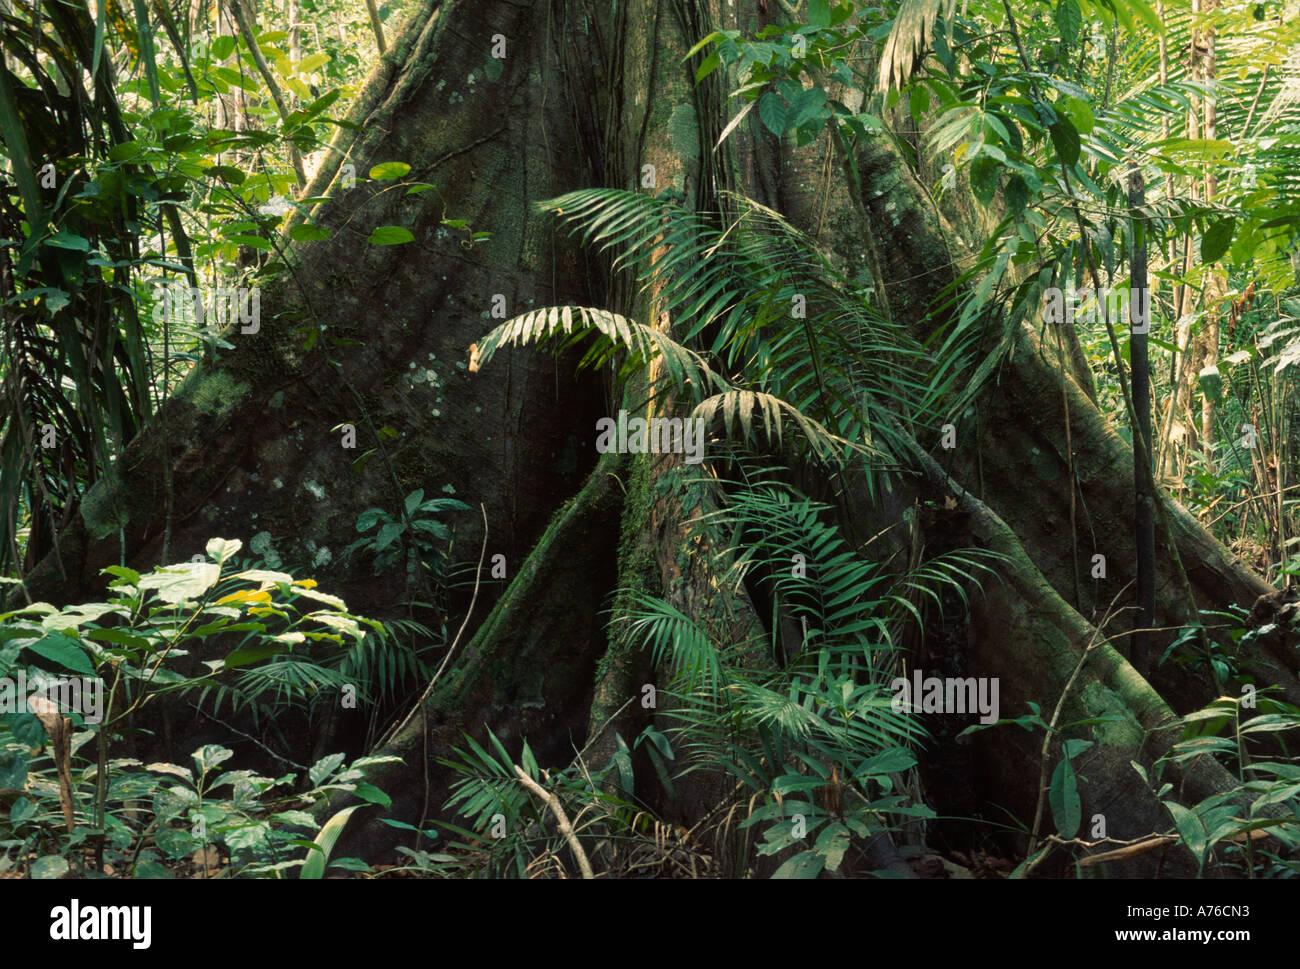 Selva Amazónica, la selva tropical de sotobosque con contrafuerte raíces de árbol Imagen De Stock